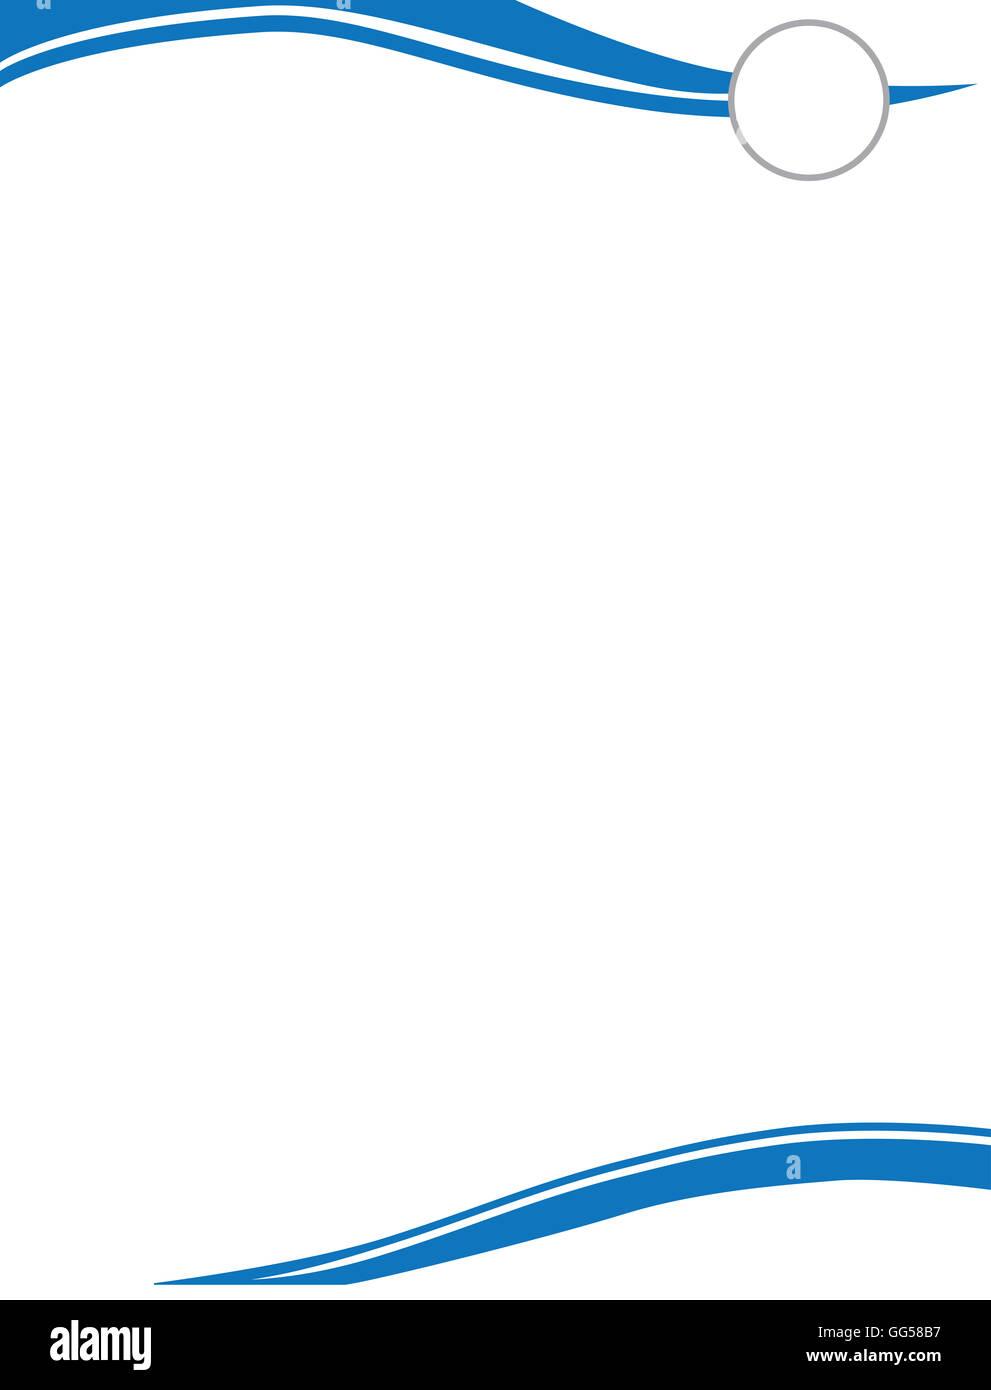 Blaue Welle Briefkopf Vorlage Mit Kreis Logo Stockfoto Bild